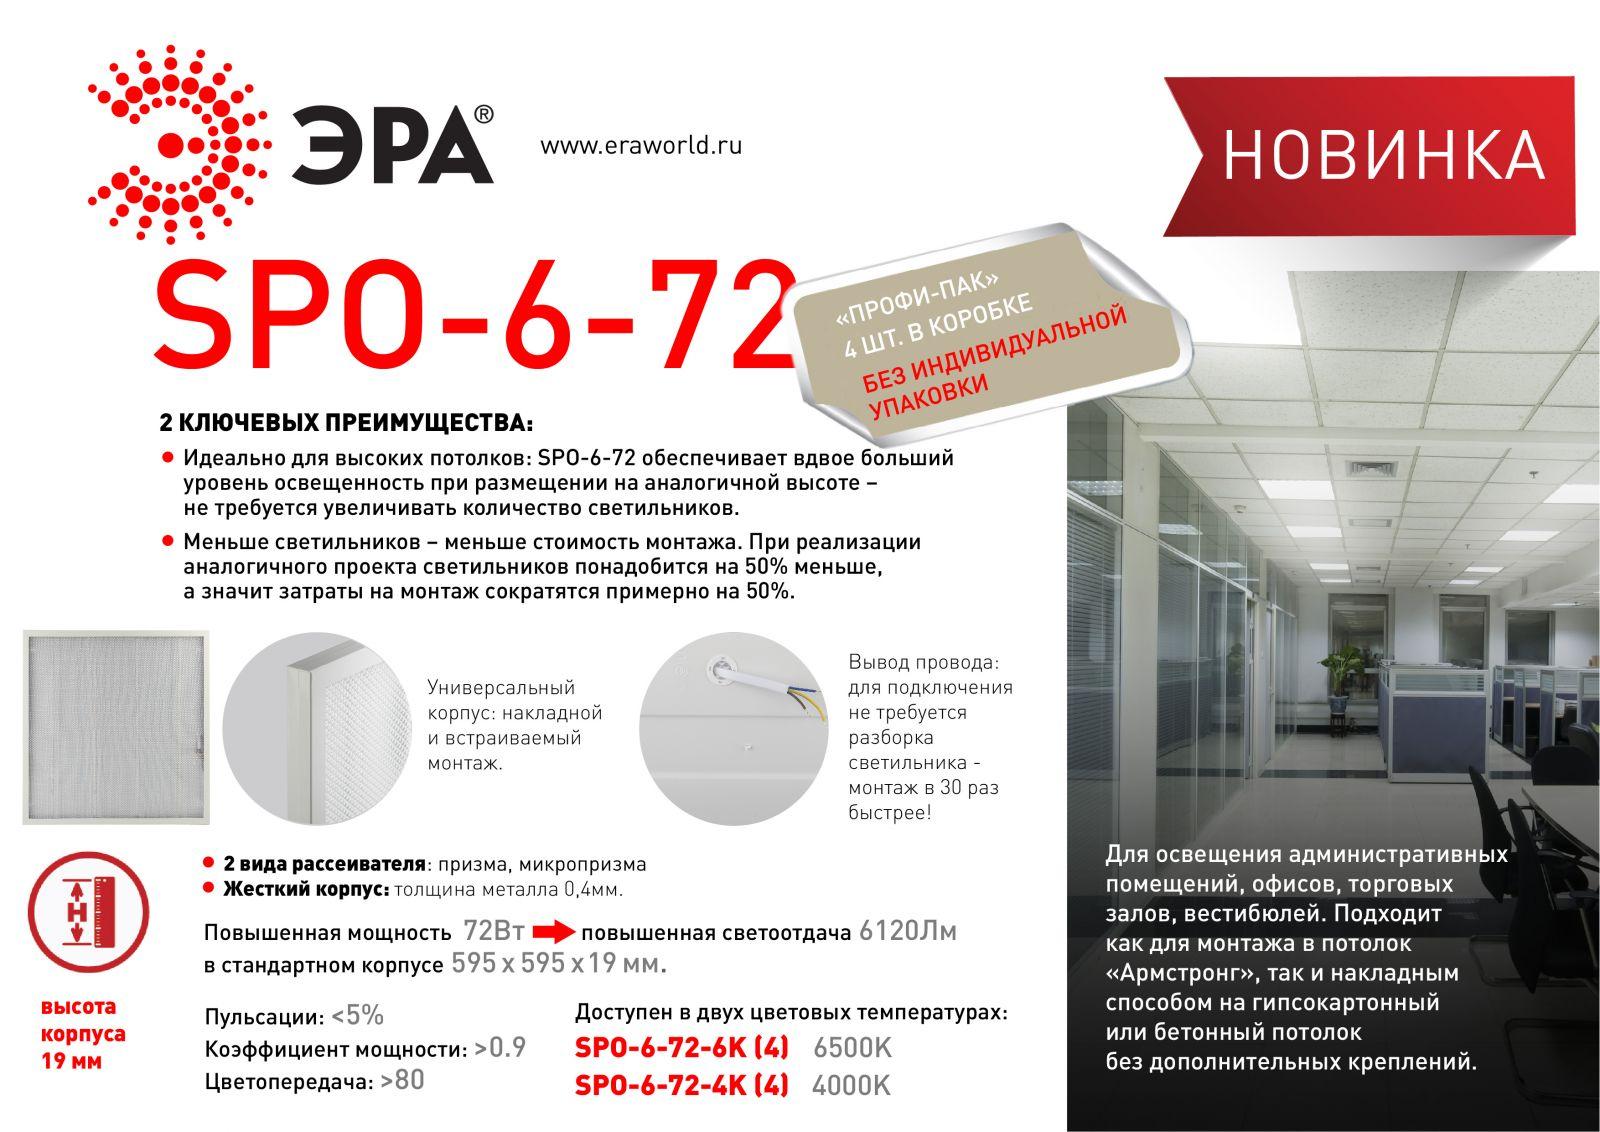 Светодиодные светильники ЭРА SPO-6 в Волгограде